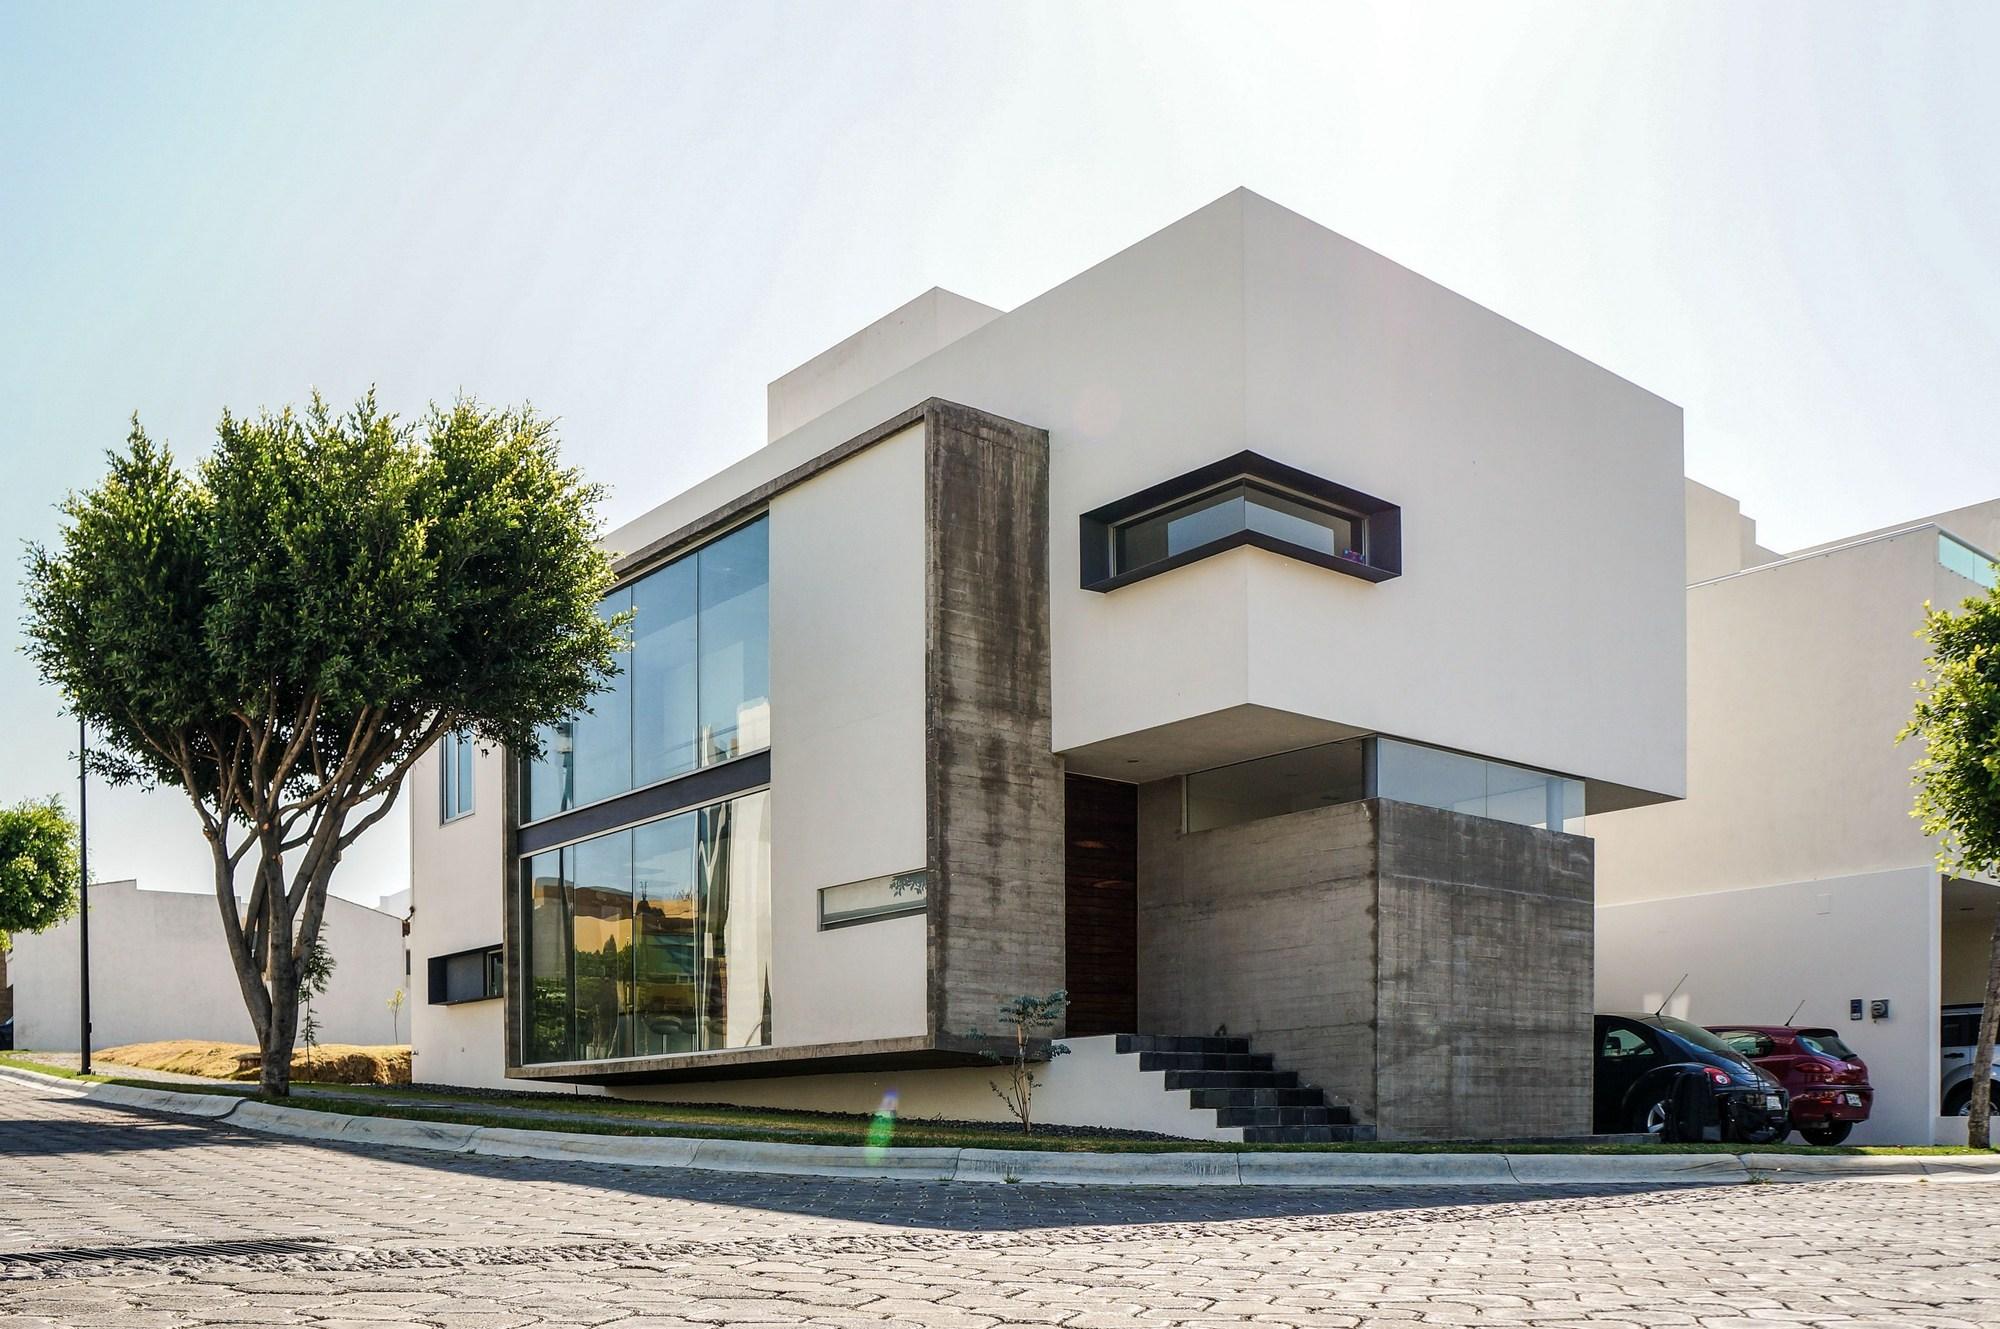 Casa orea dionne arquitectos archdaily colombia for Casa de arquitectos